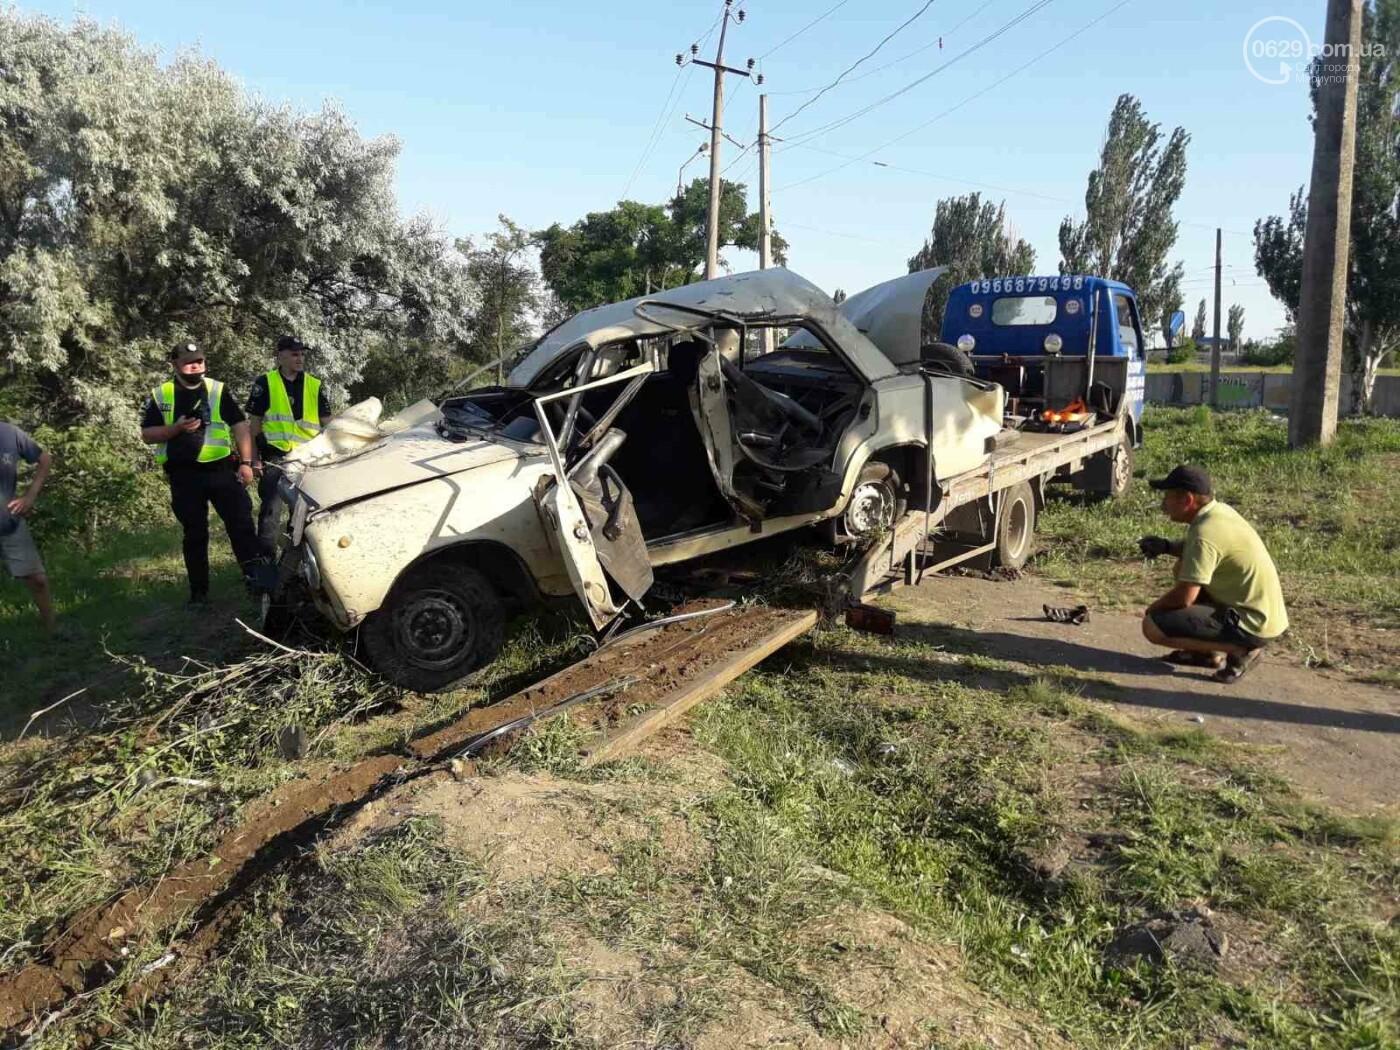 Серьезная авария в Кальмиусском районе. ВАЗ с пассажирами вылетел в кювет, четверо пострадавших, - ФОТО, фото-8